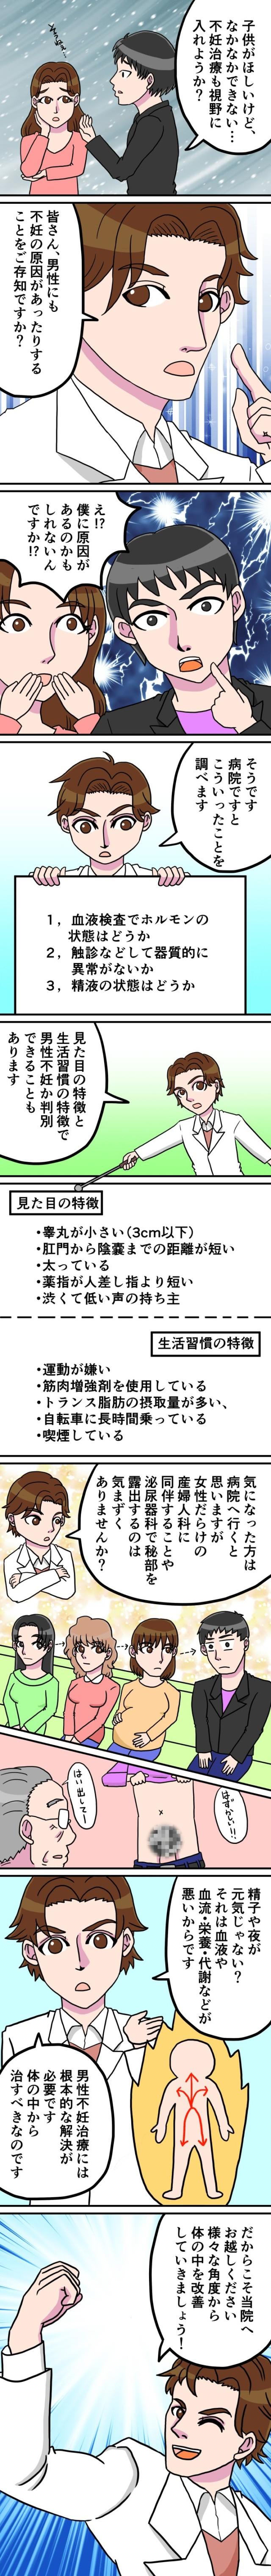 【男性不妊】見た目5つの特徴、生活習慣5つの特徴